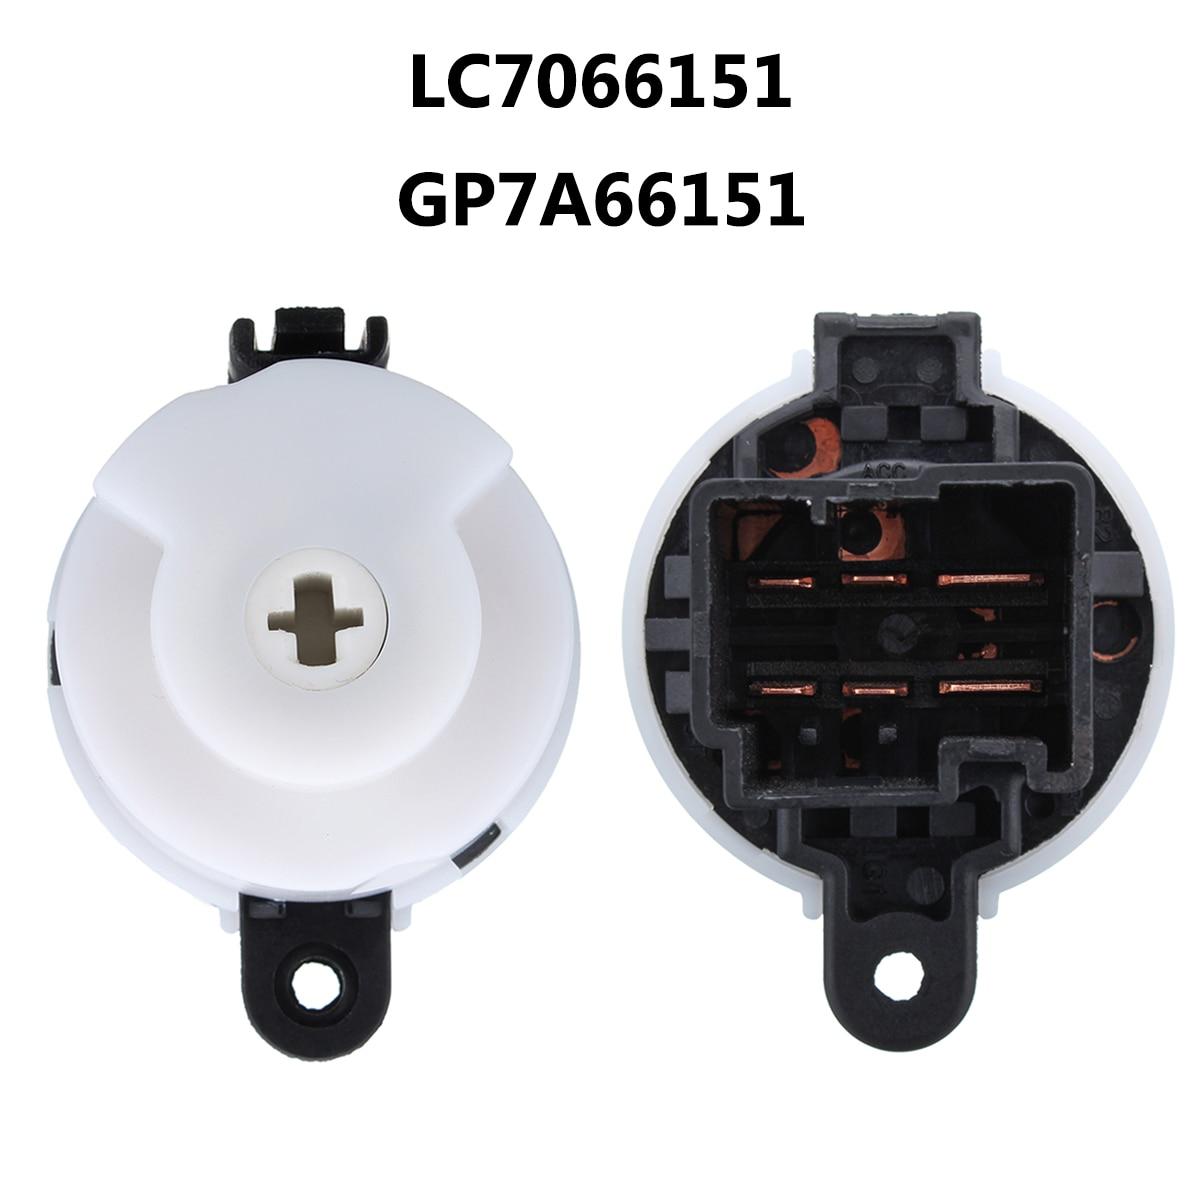 Автомобильный Стайлинг стартовый переключатель зажигания для Ford Ranger для Mazda BT50 пикап 2002-2012 LC7066151 GP7A66151